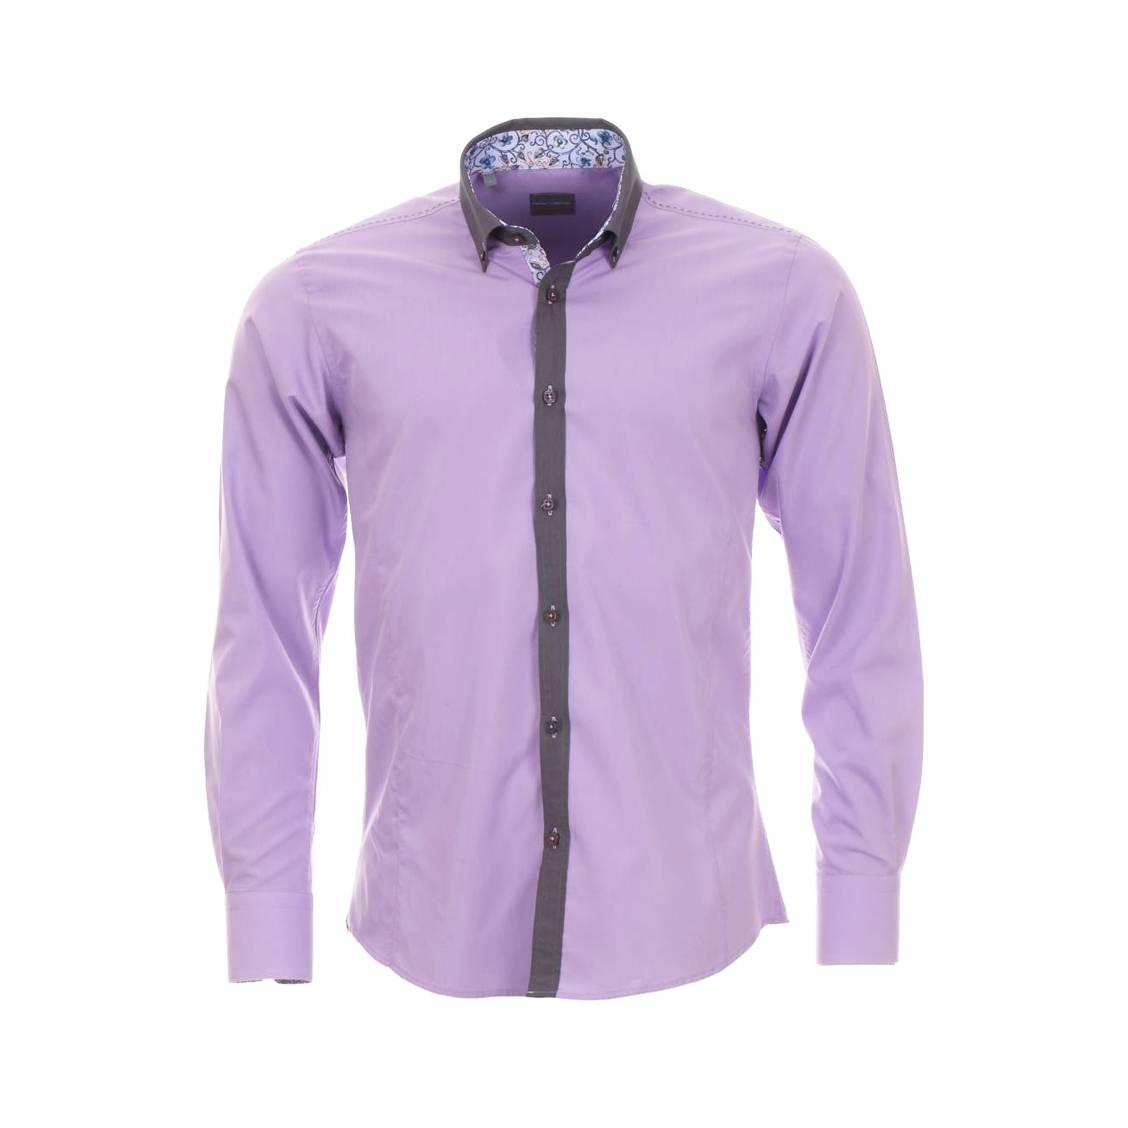 Chemise homme cintrée Toldot lila à col gris et opposition motif à fleurs